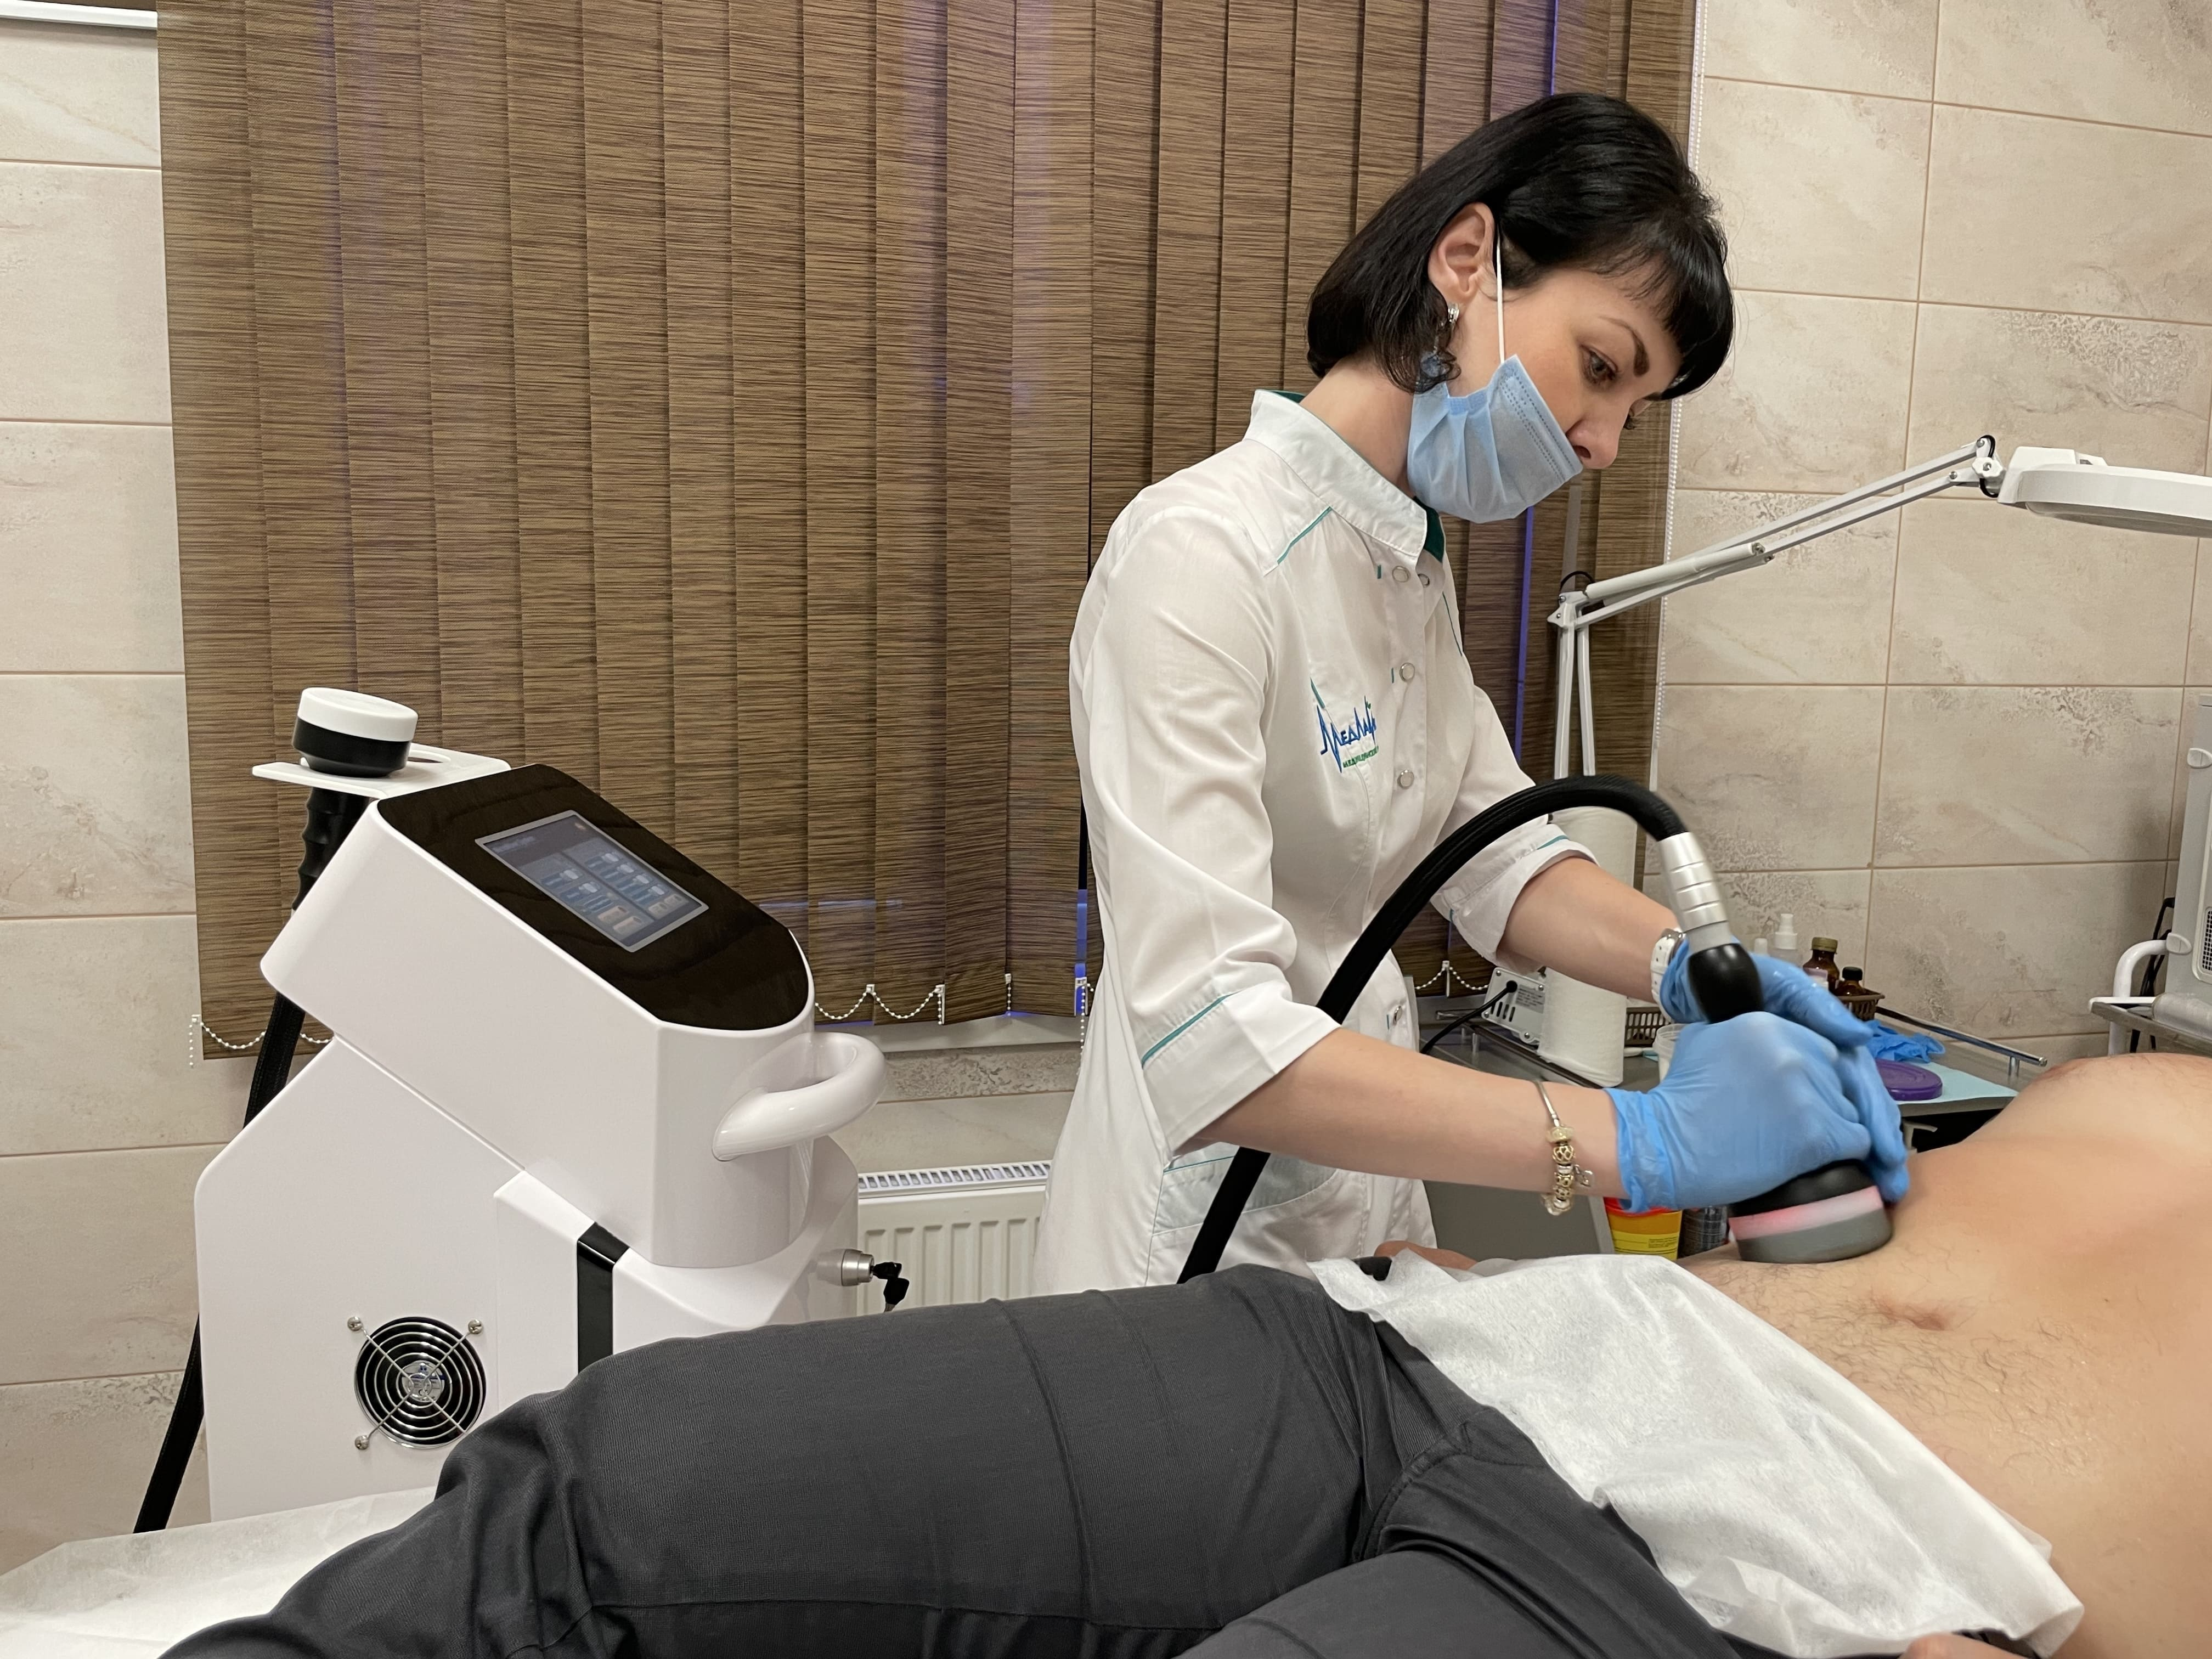 Коррекция фигуры и подтяжка кожи с использованием аппарата Microwave в Санкт-Петербурге в клинике «МедЛайн»